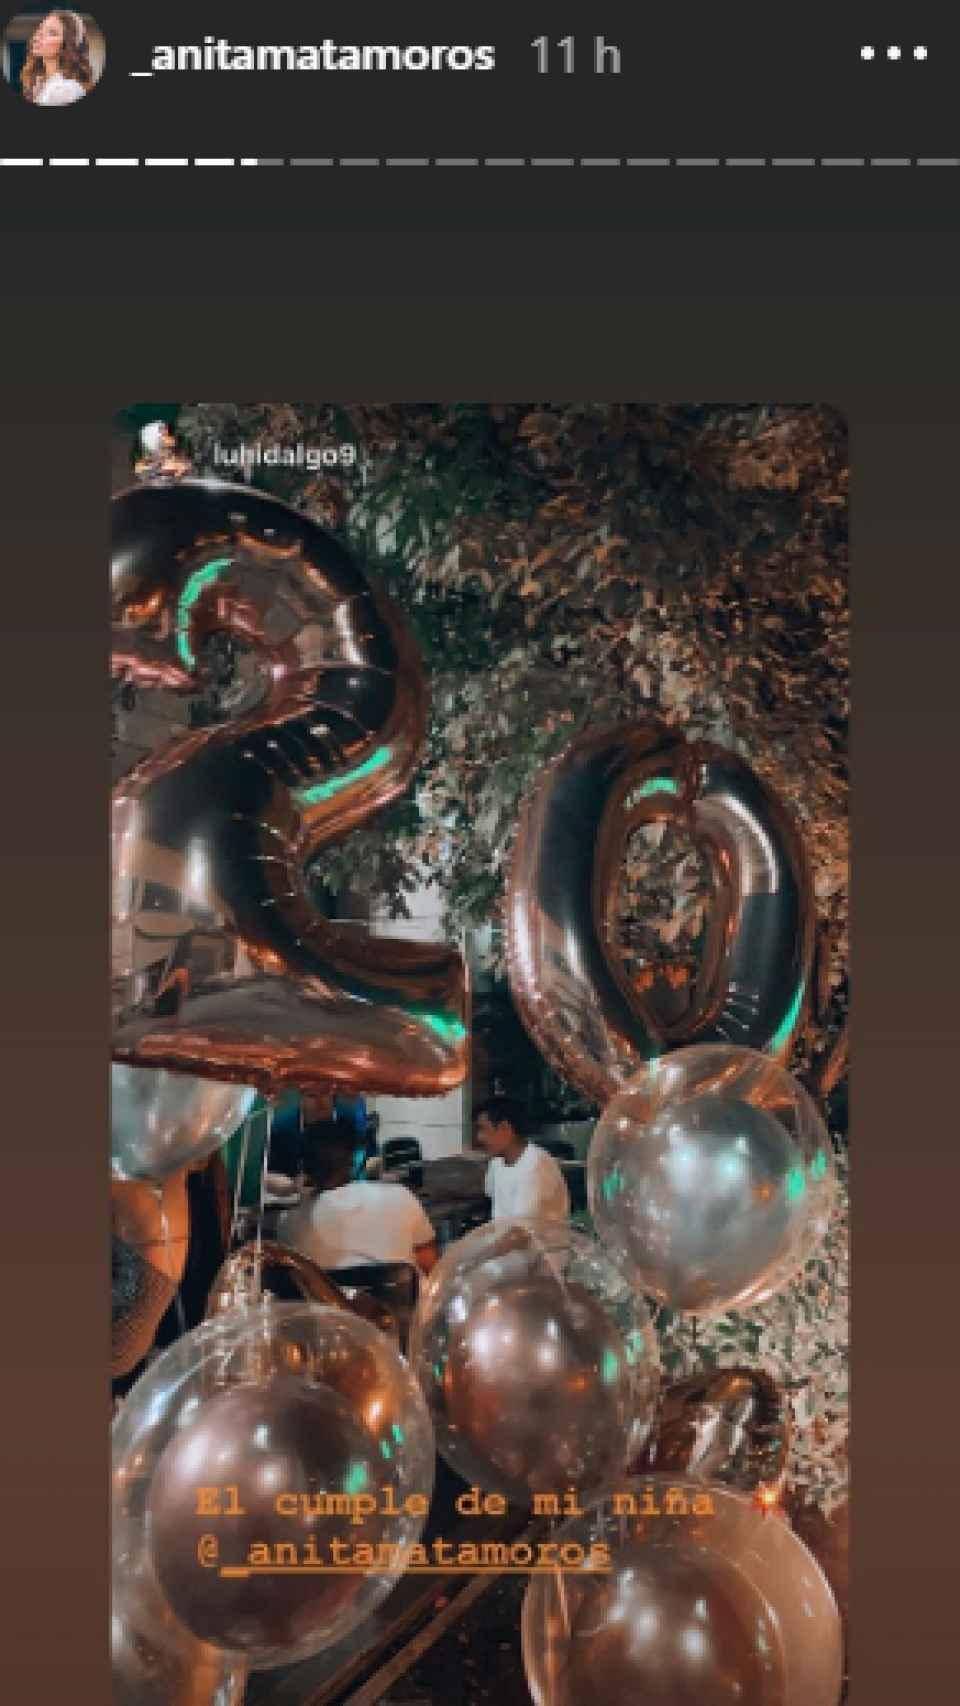 Anita Matamoros ha compartido en sus 'stories' de Instagram, algunas imágenes de su celebración.